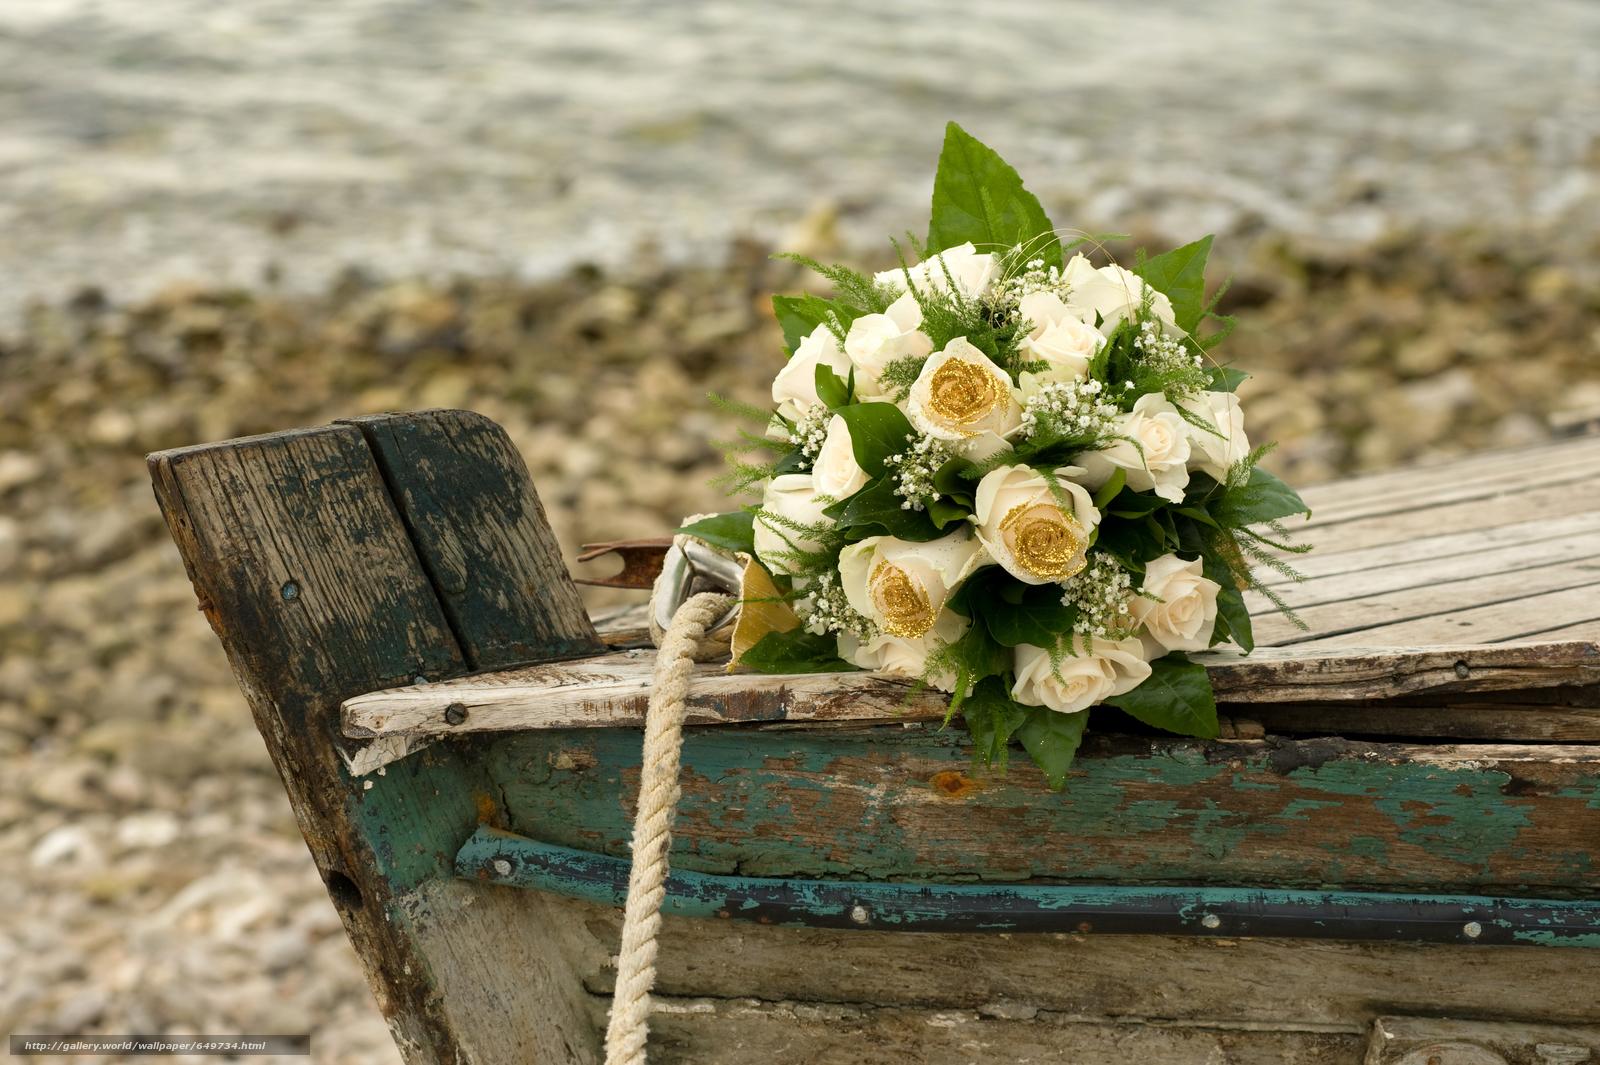 Скачать обои цветы,  букет,  композиция,  лодка бесплатно для рабочего стола в разрешении 8512x5664 — картинка №649734